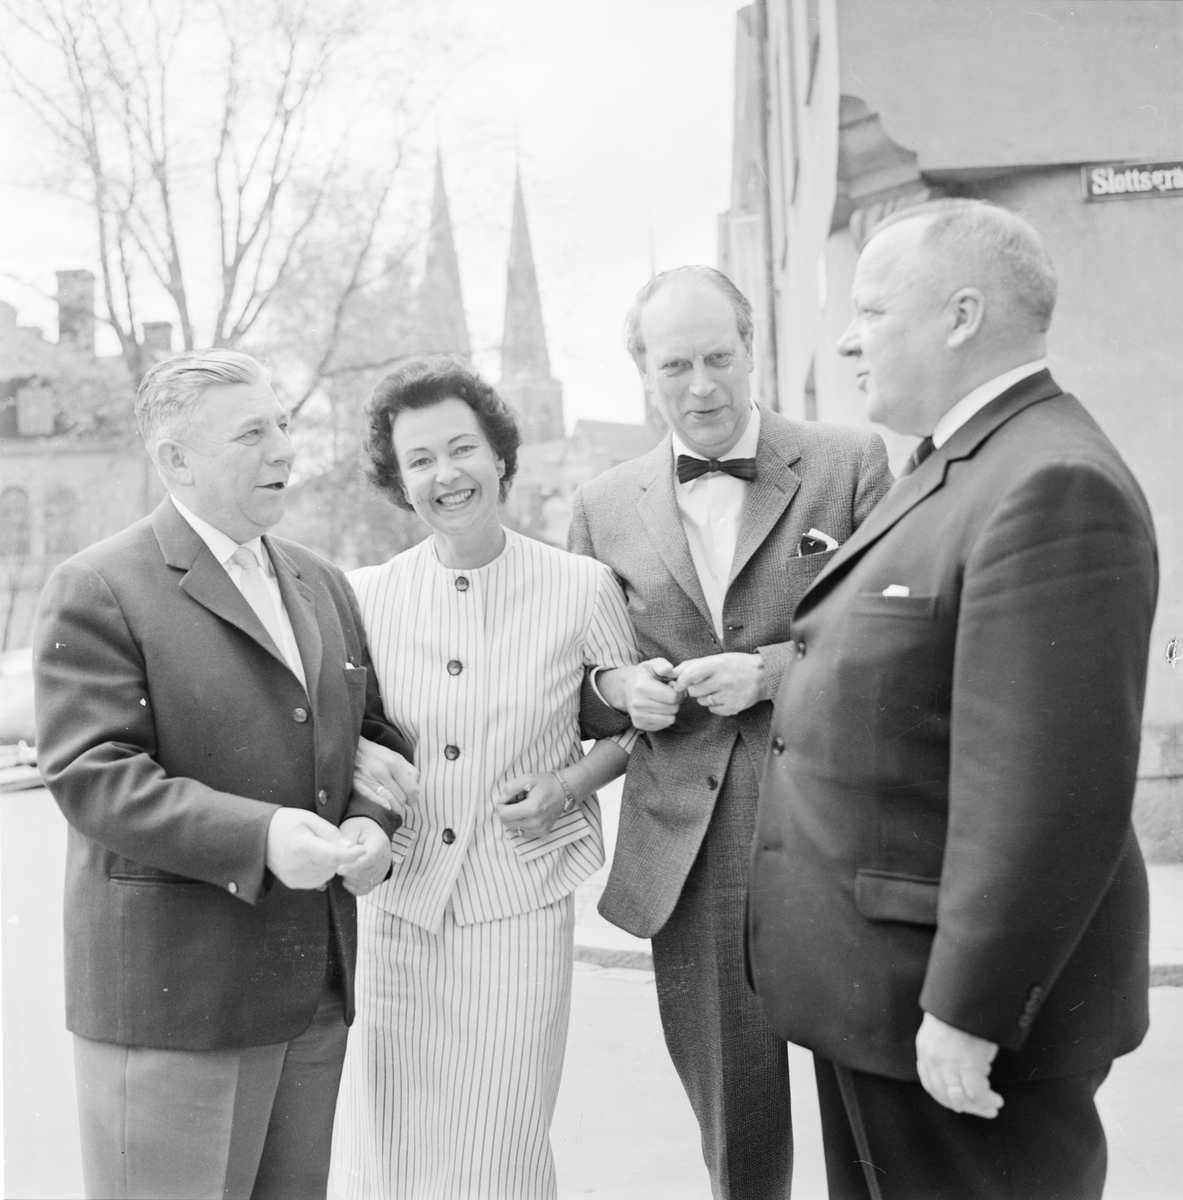 Bostadskonferens - Östgöta nation, Uppsala maj 1963